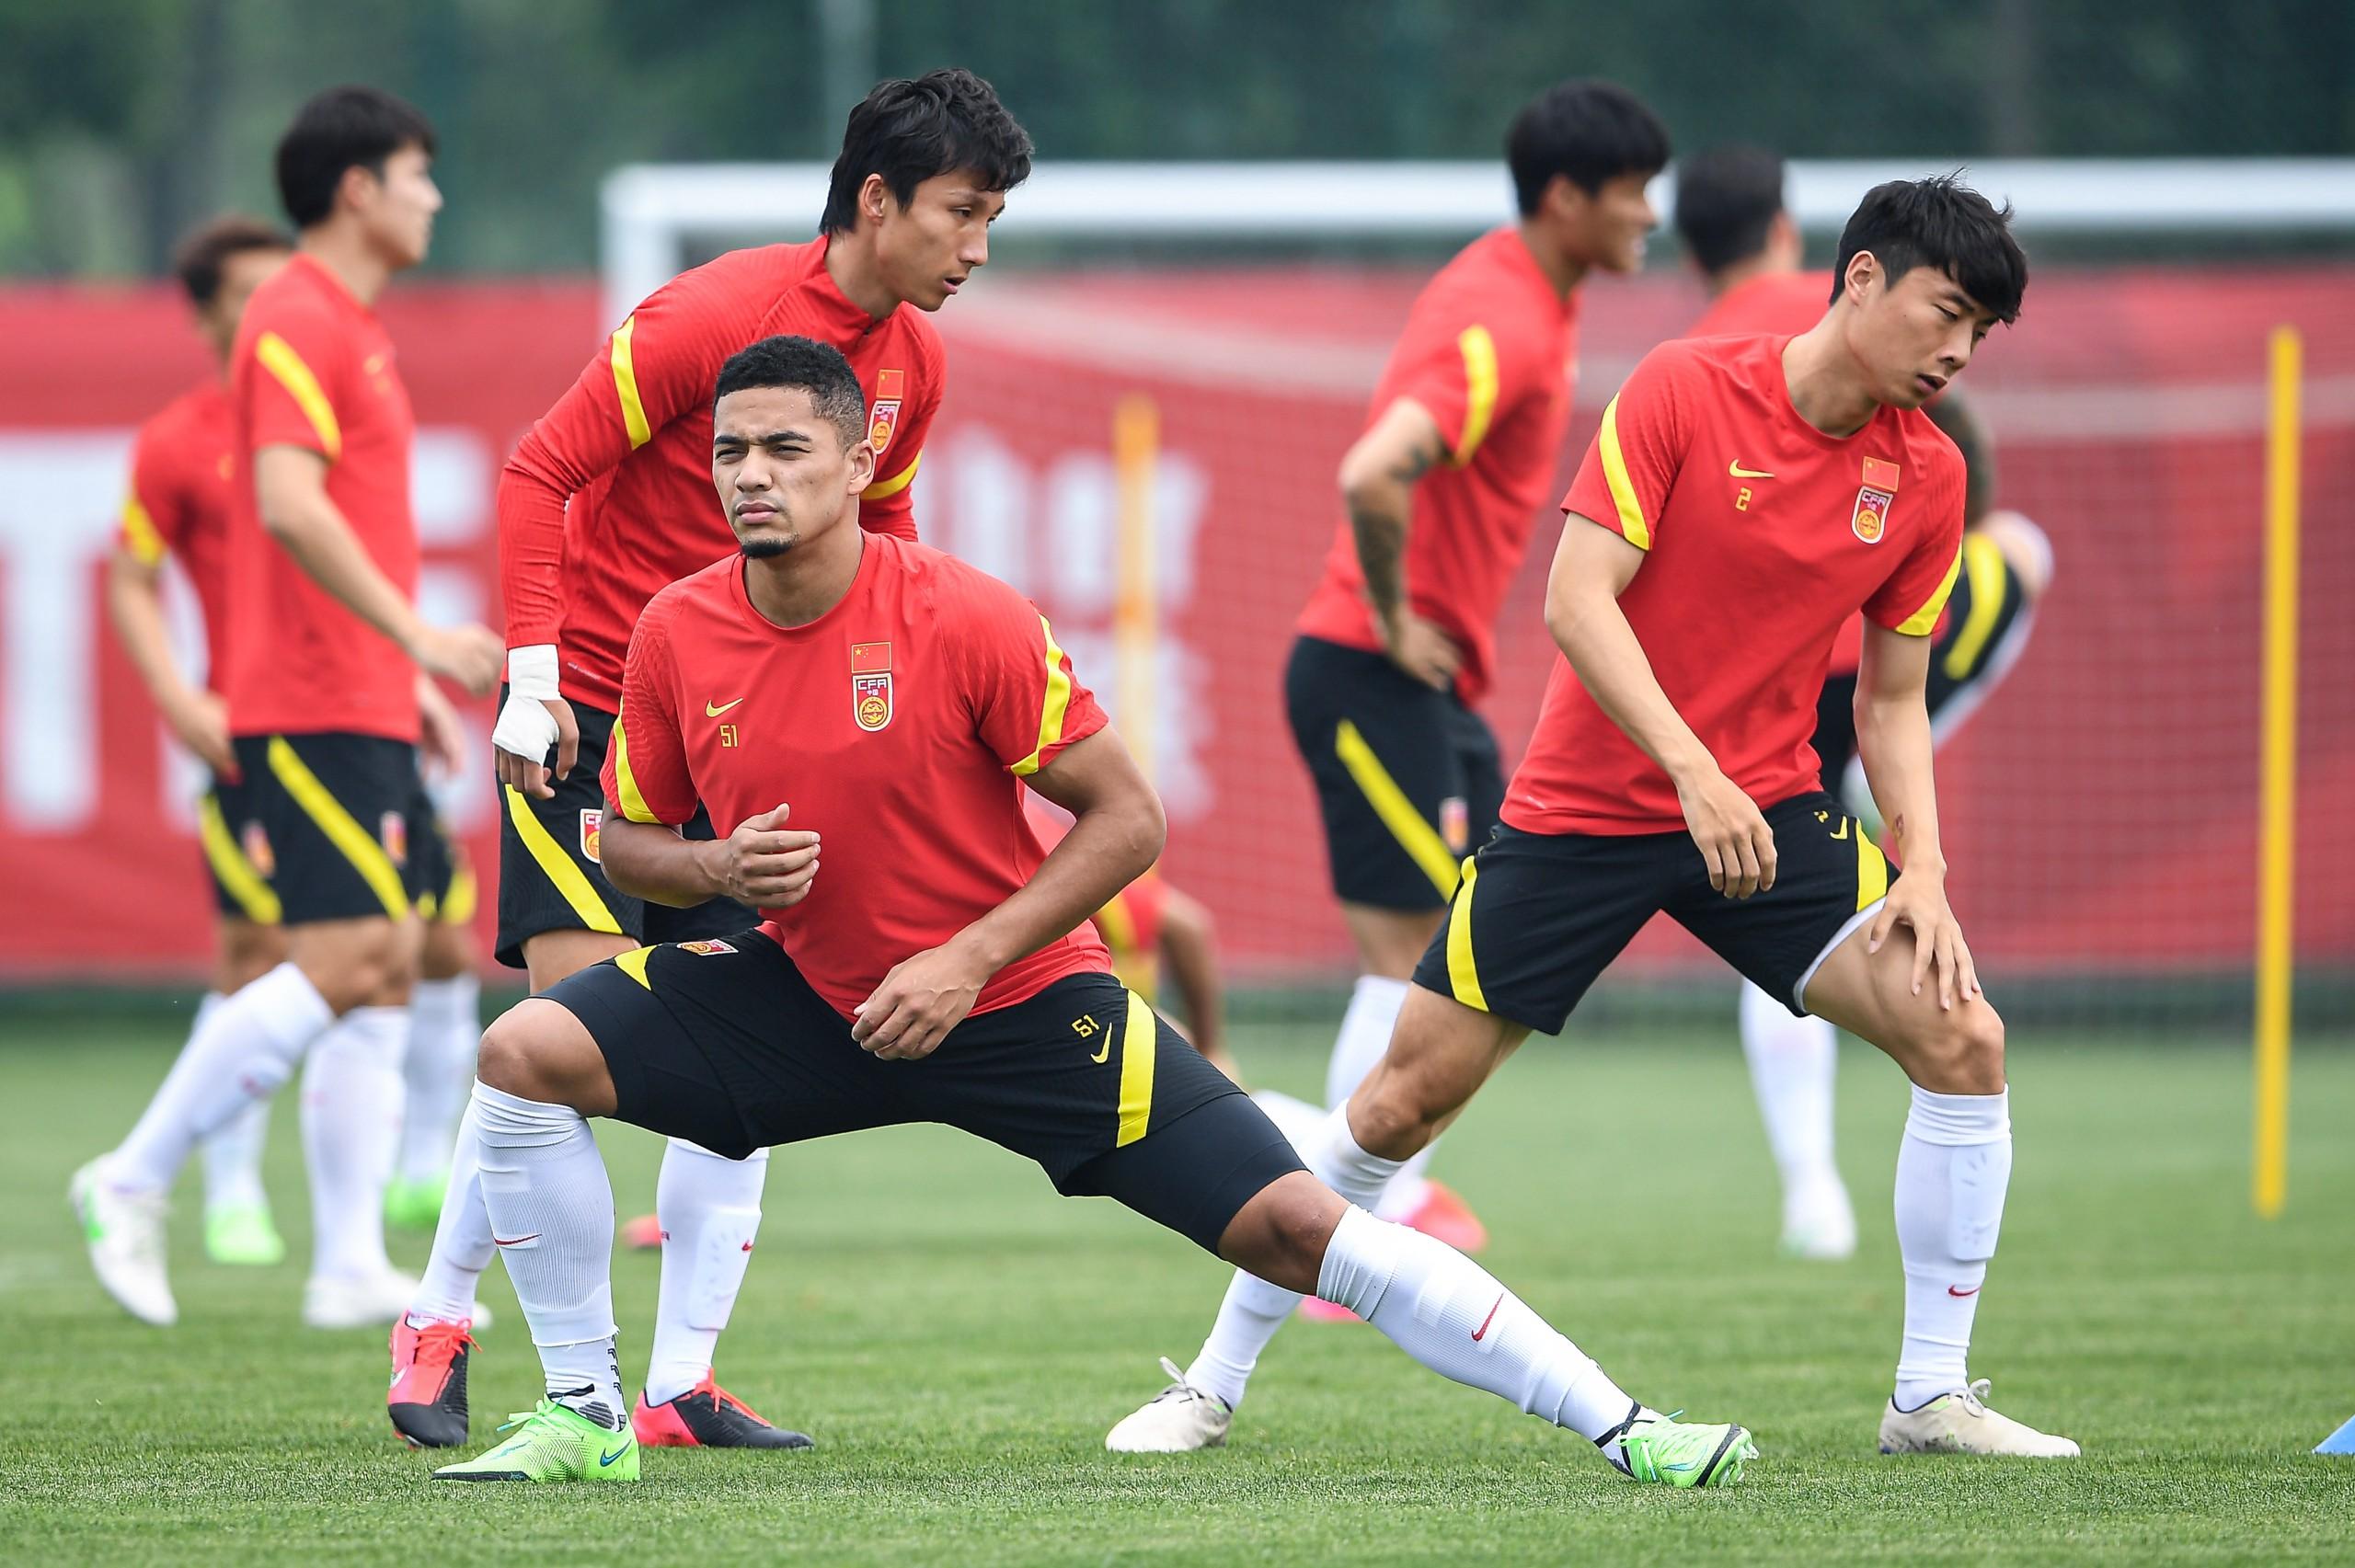 北青:国足训练强度有所减弱,避免疲劳过度导致非战斗减员